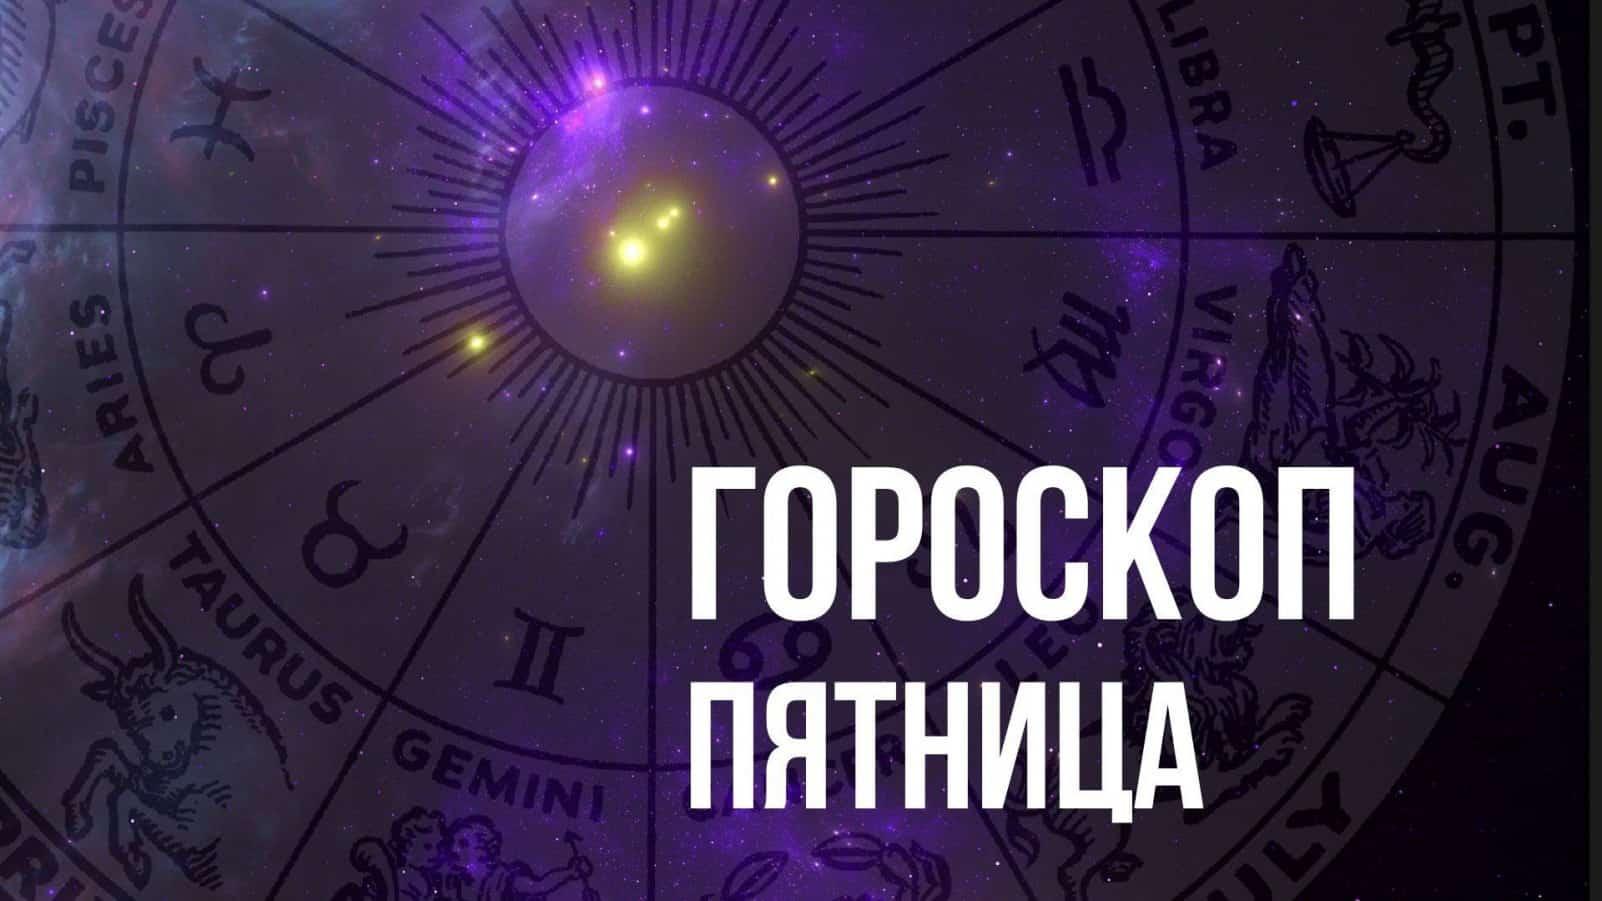 Гороскоп на пятницу 23 апреля для каждого Знака Зодиака